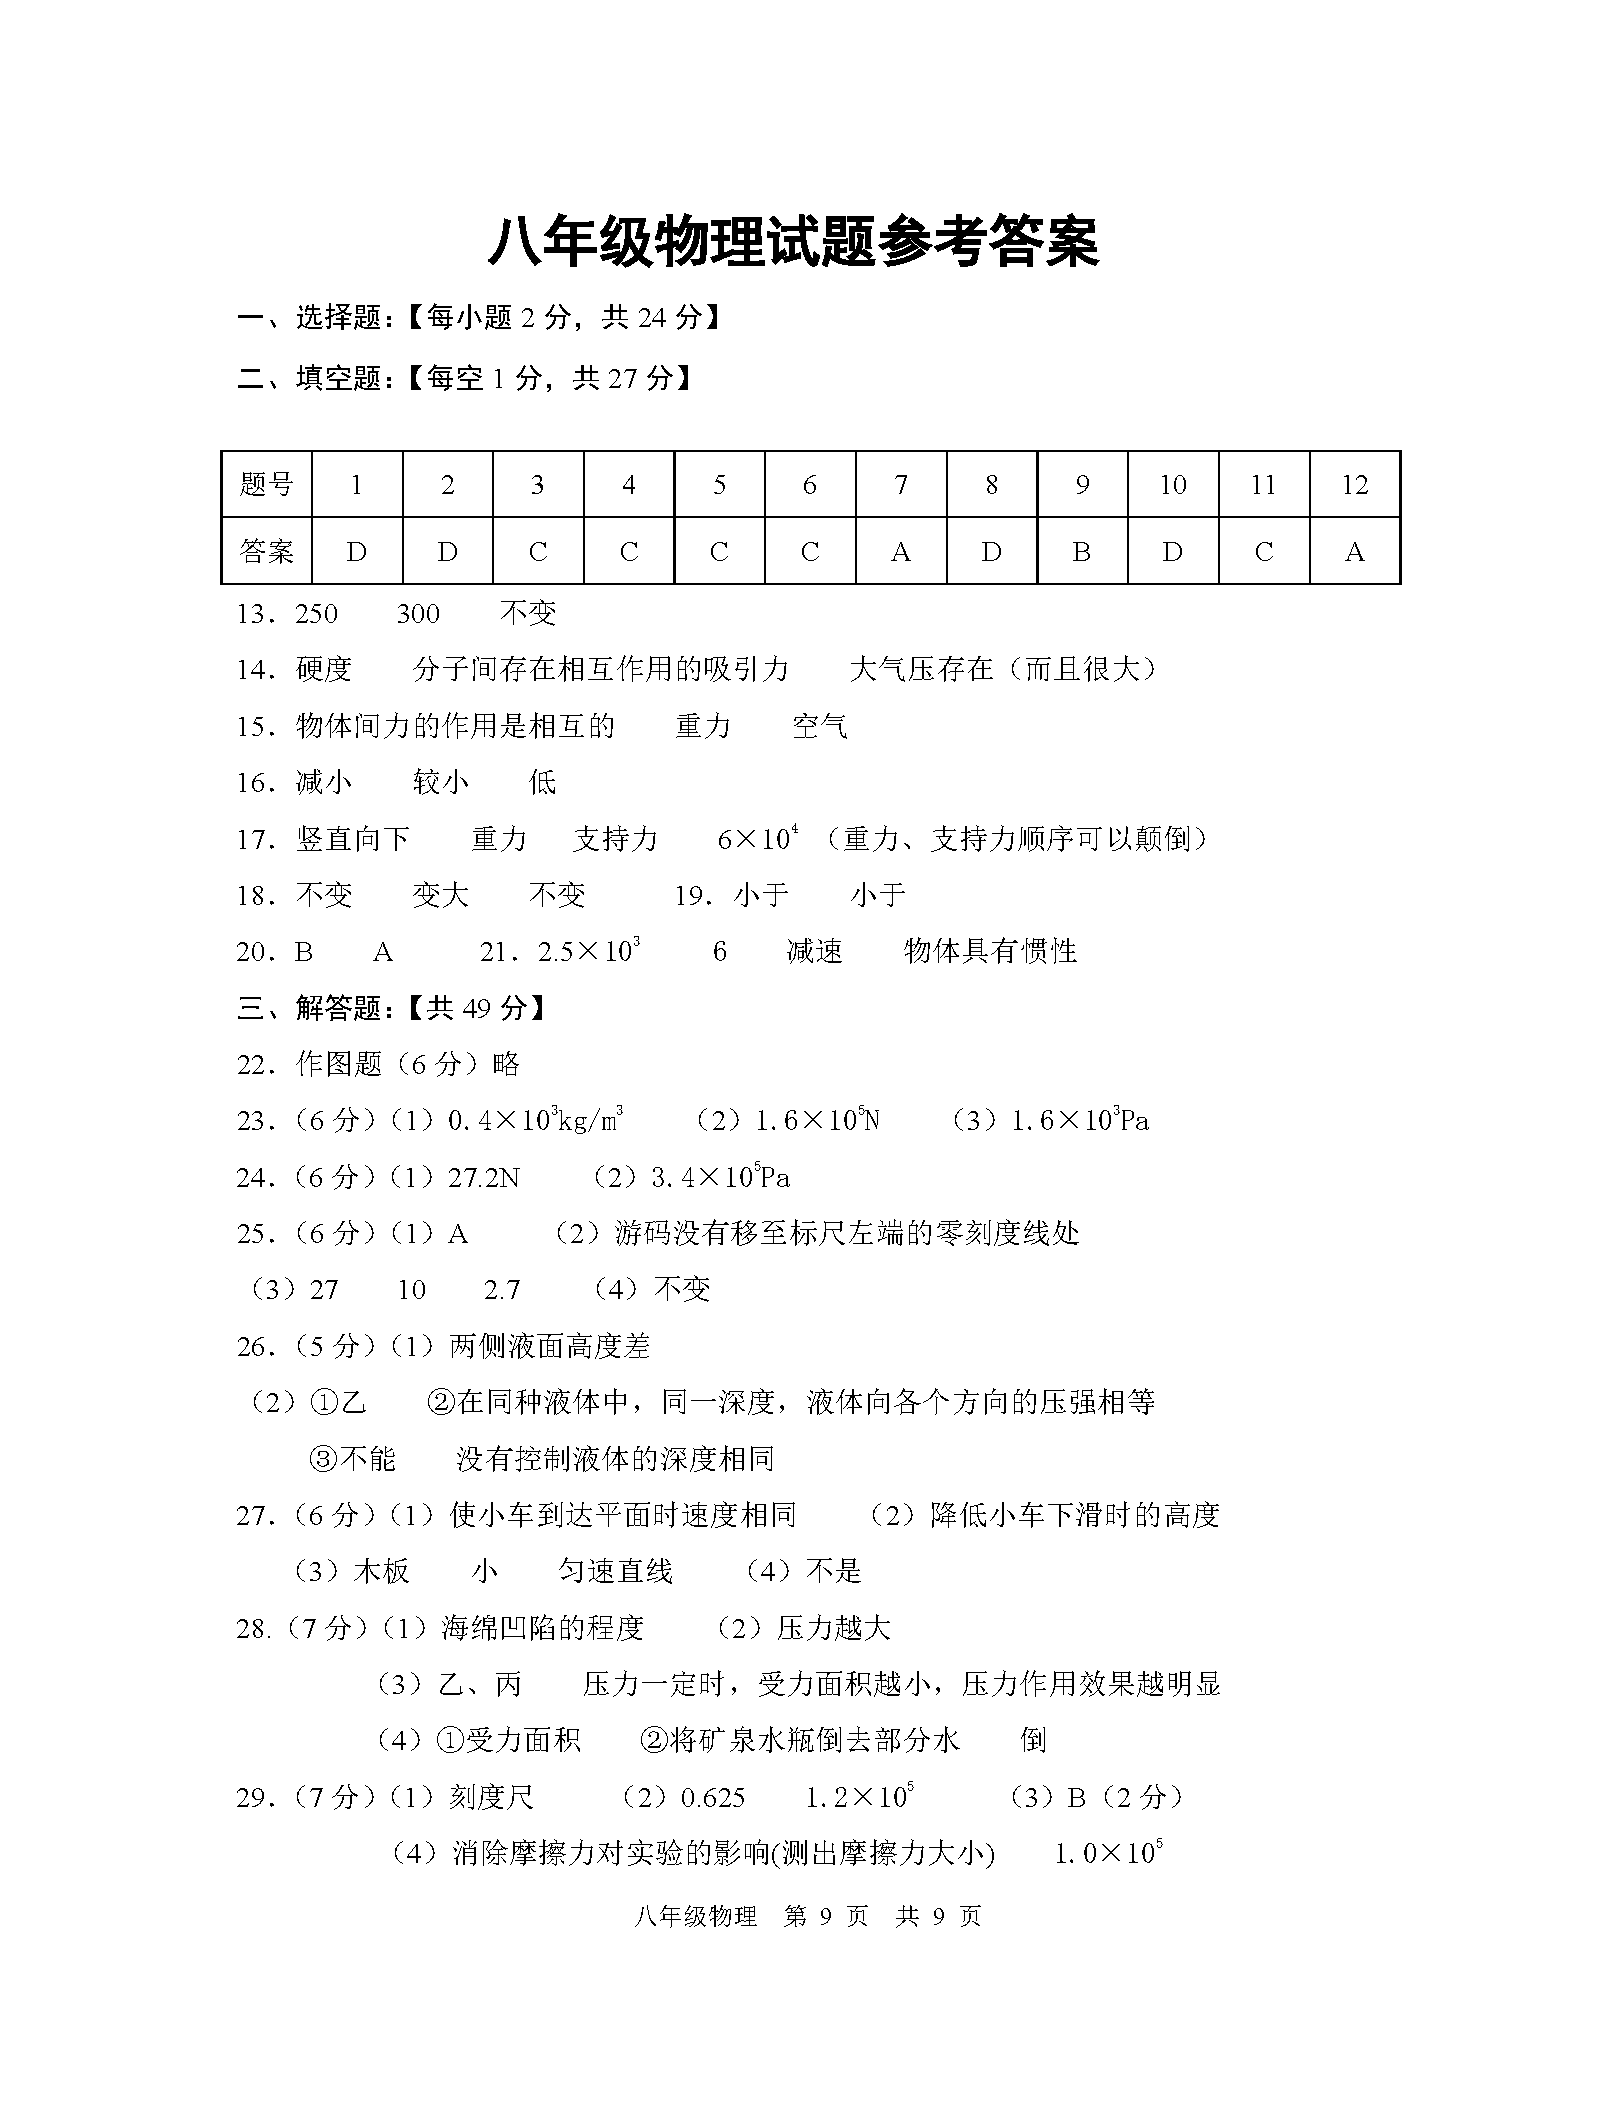 2017江苏泰州姜堰区实验初级中学八年级下第二次月考物理试题答案(Word版)